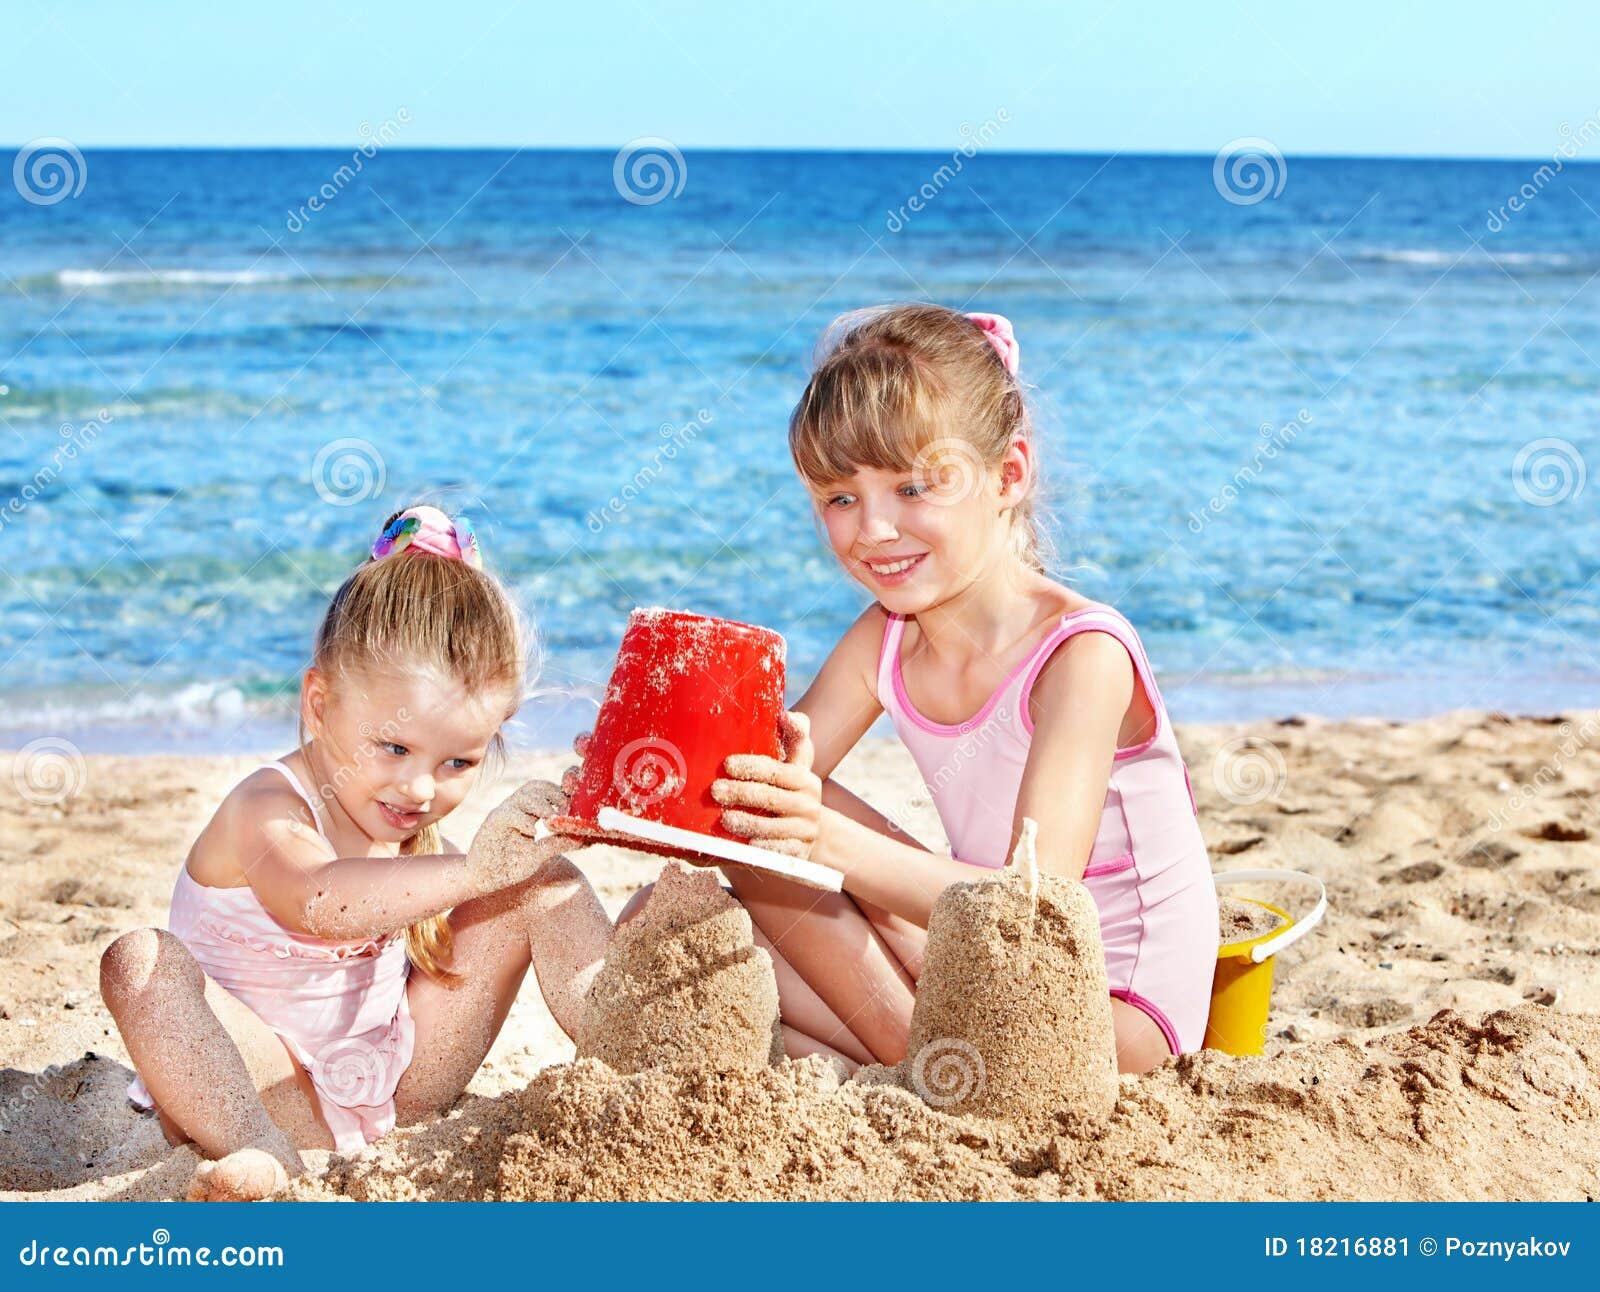 Фото маленькие девочки нудисты 20 фотография